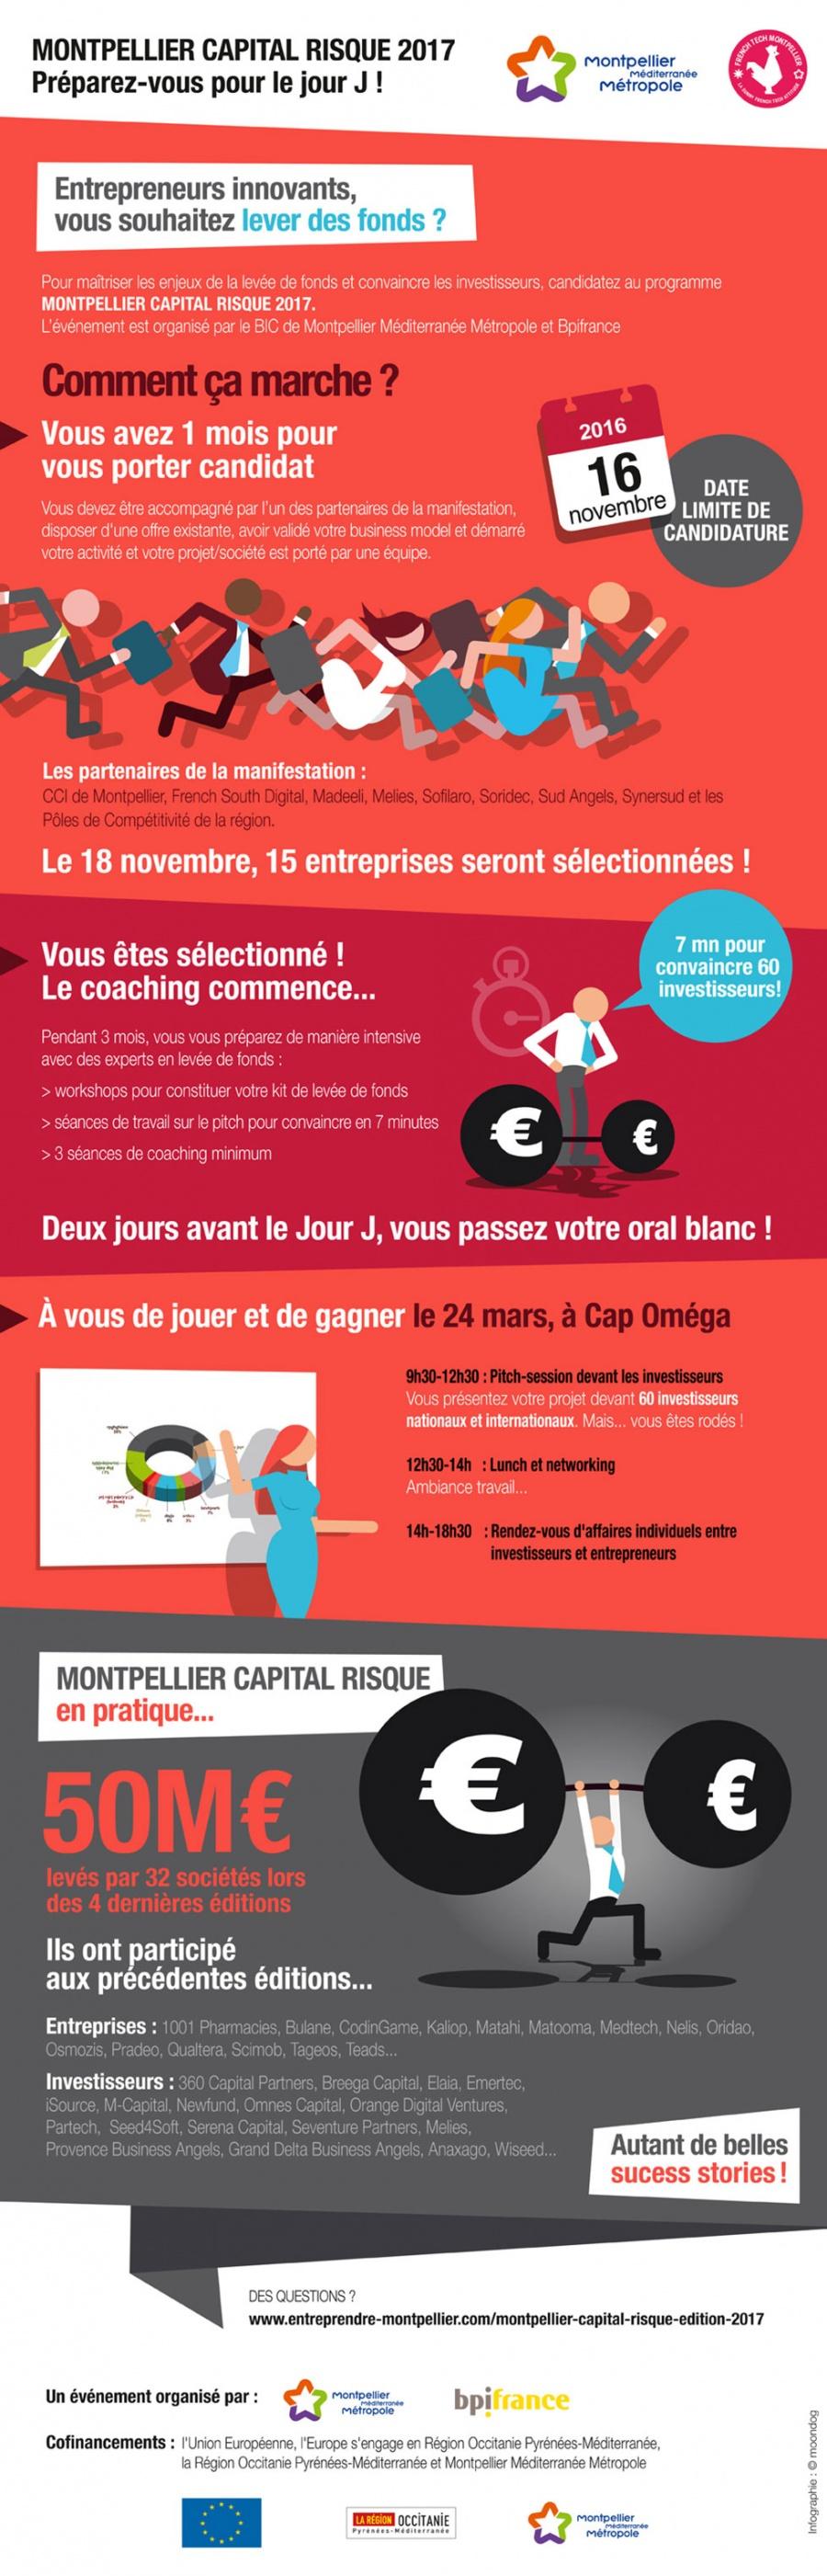 Montpellier Capital Risque 2017, préparez-vous pour le jour J